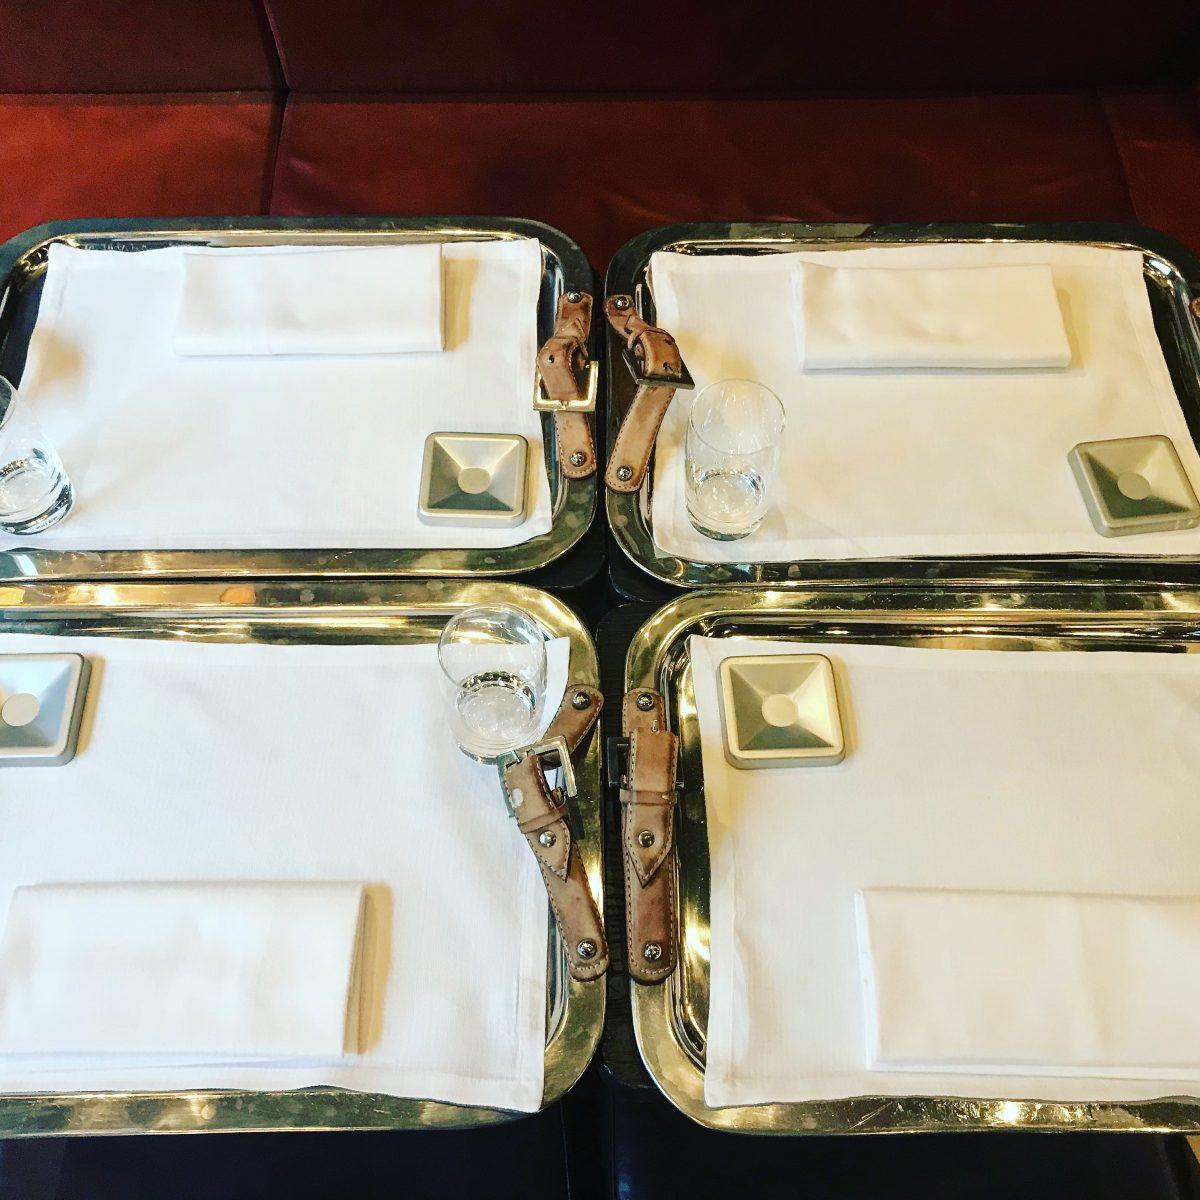 mangiare tartufi a Milano su vassoi d'argento